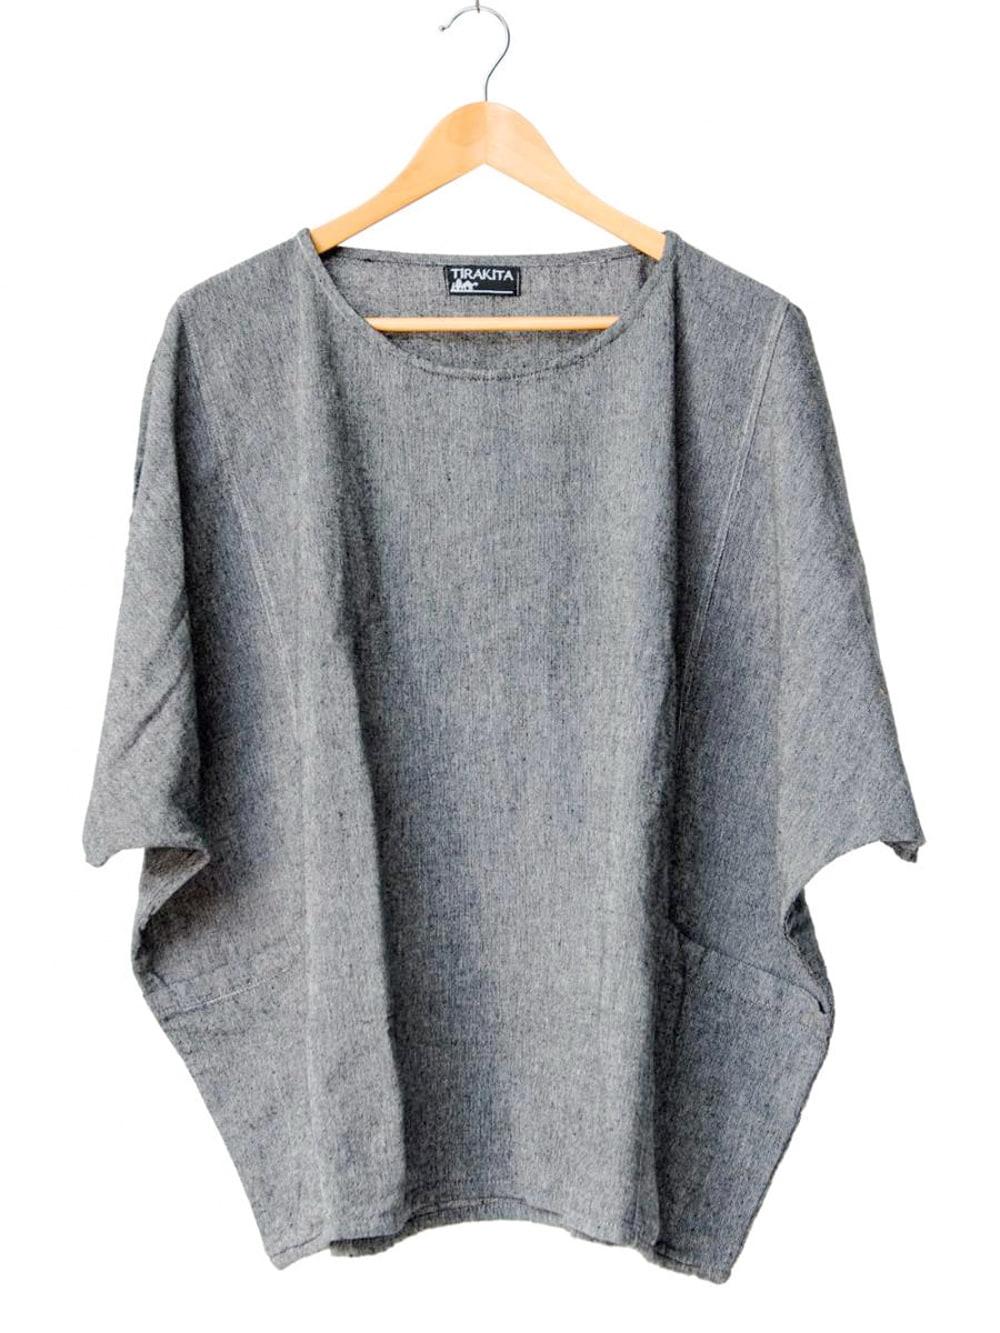 ゆったり着れるシンプルプルオーバー 12 - 選択7:グレー